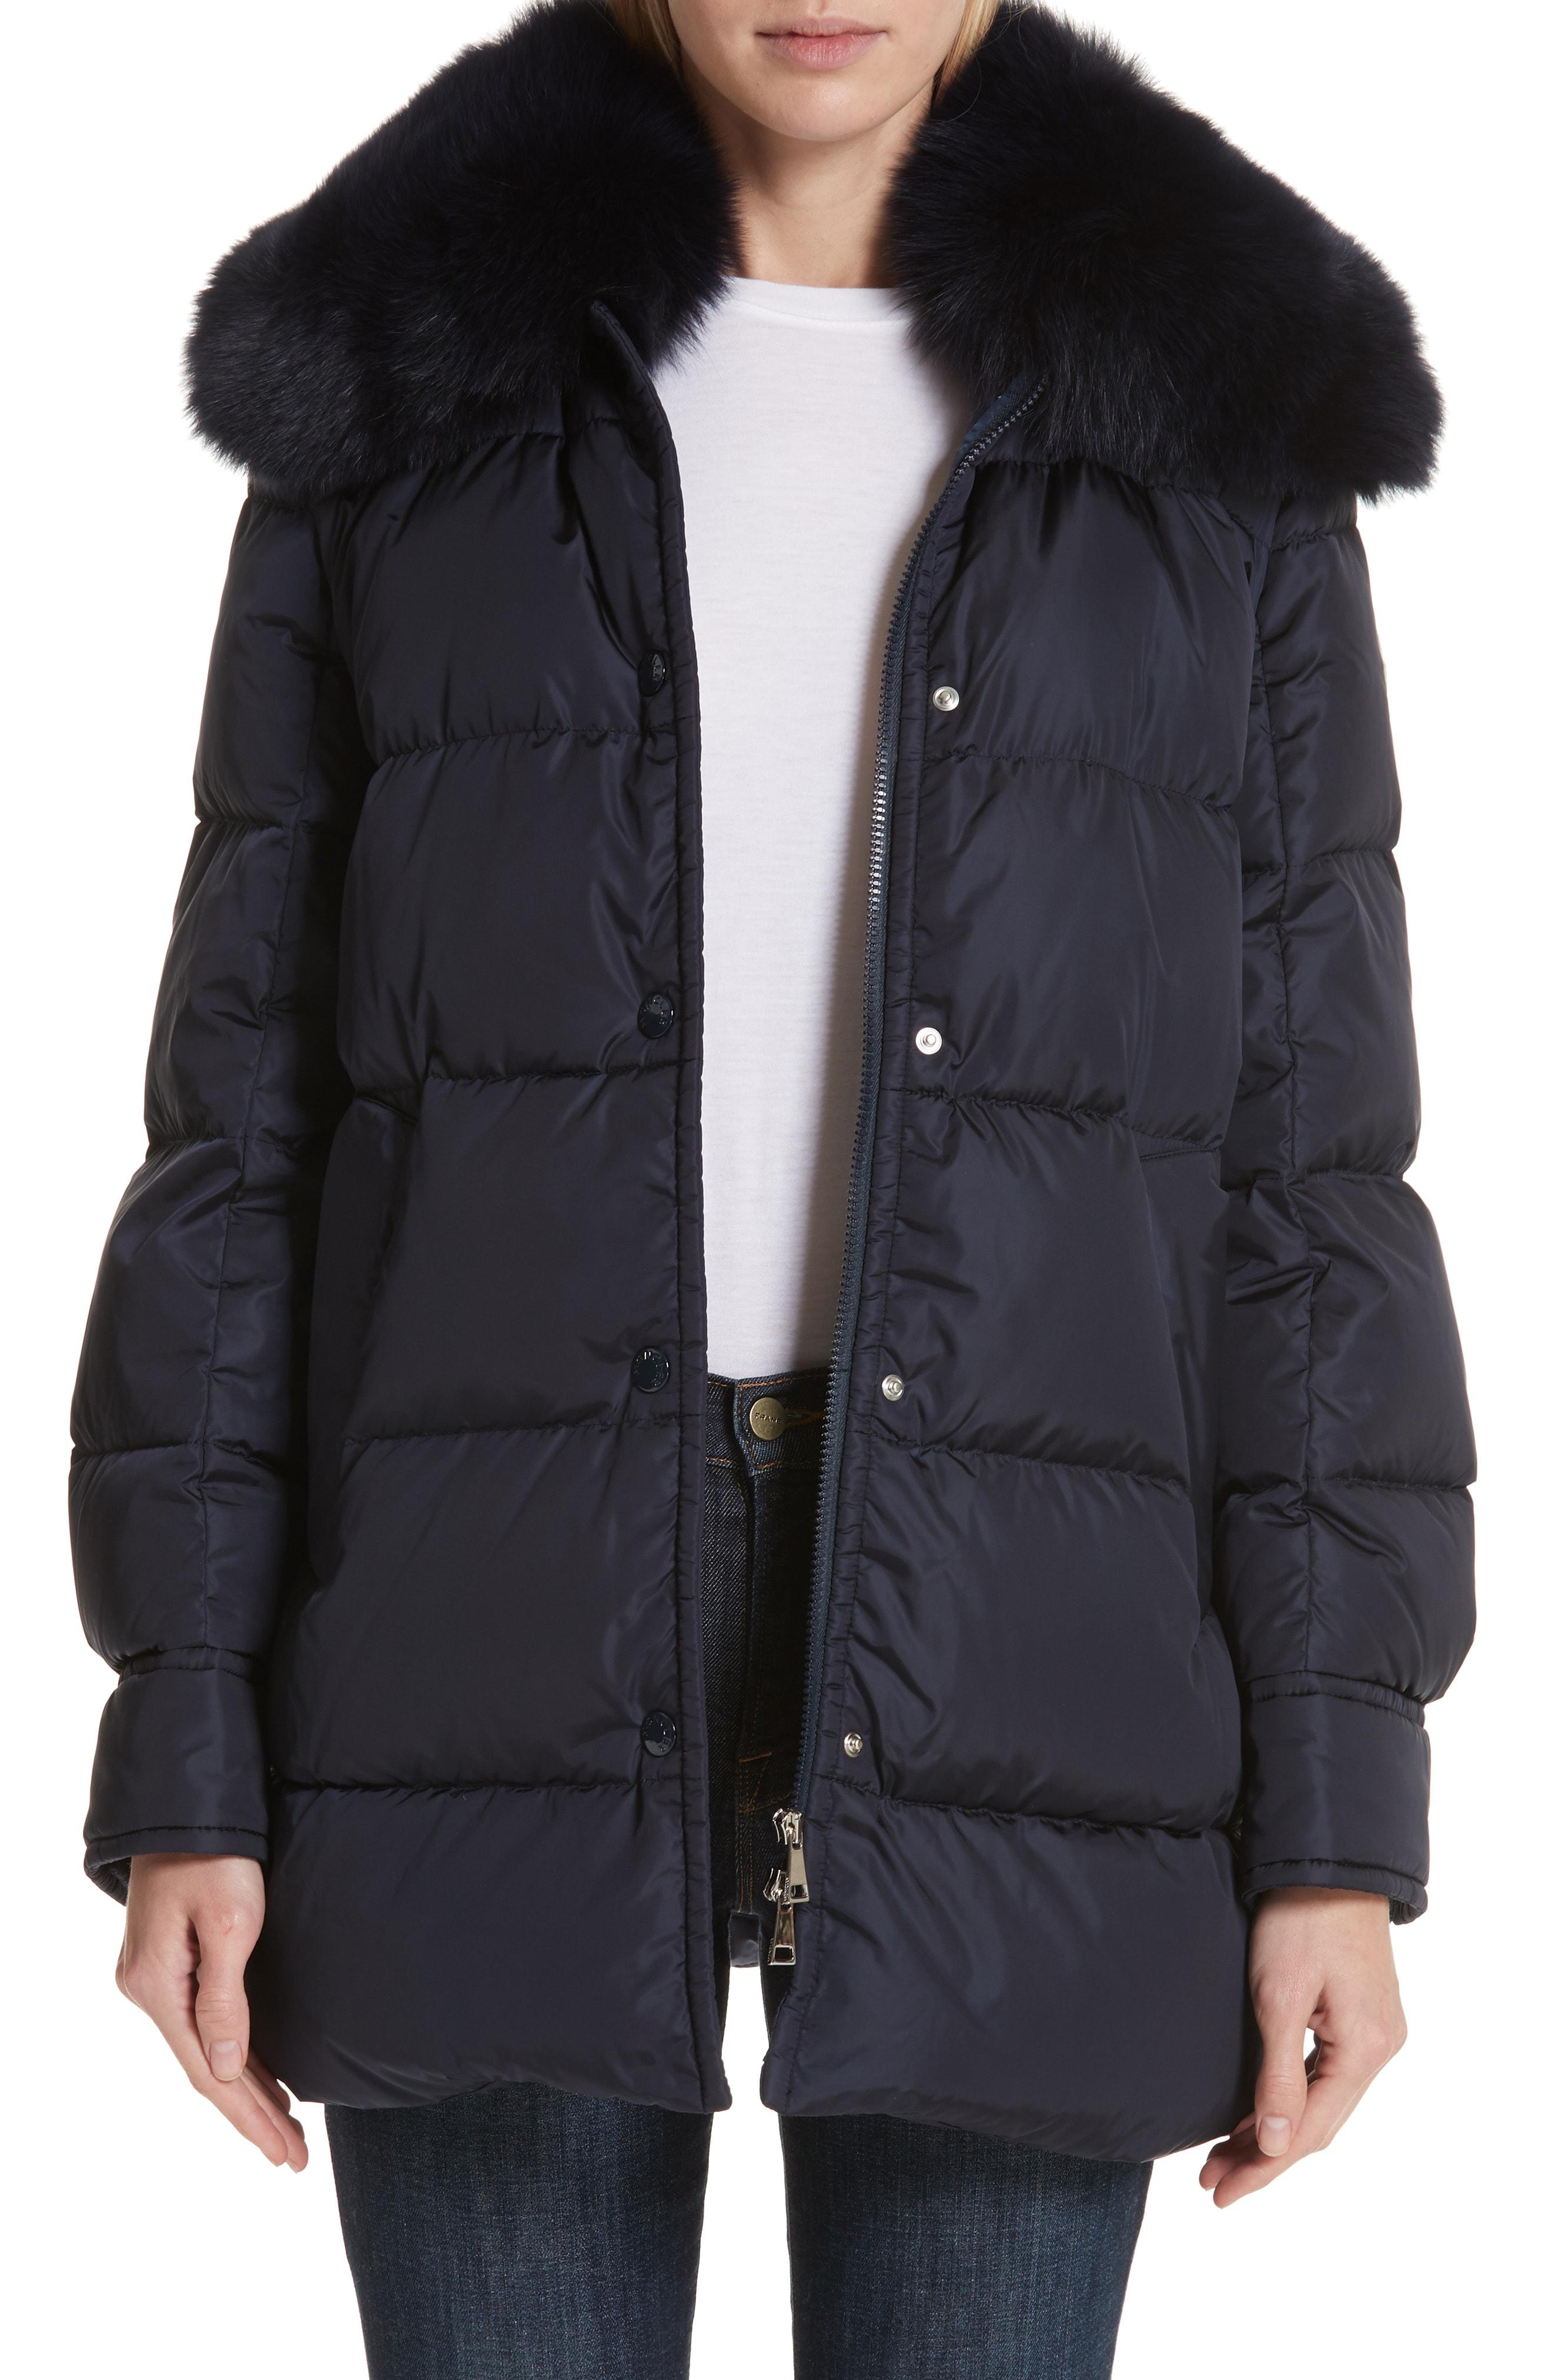 Women's Fur (Genuine) Coats & Jackets   Nordstrom